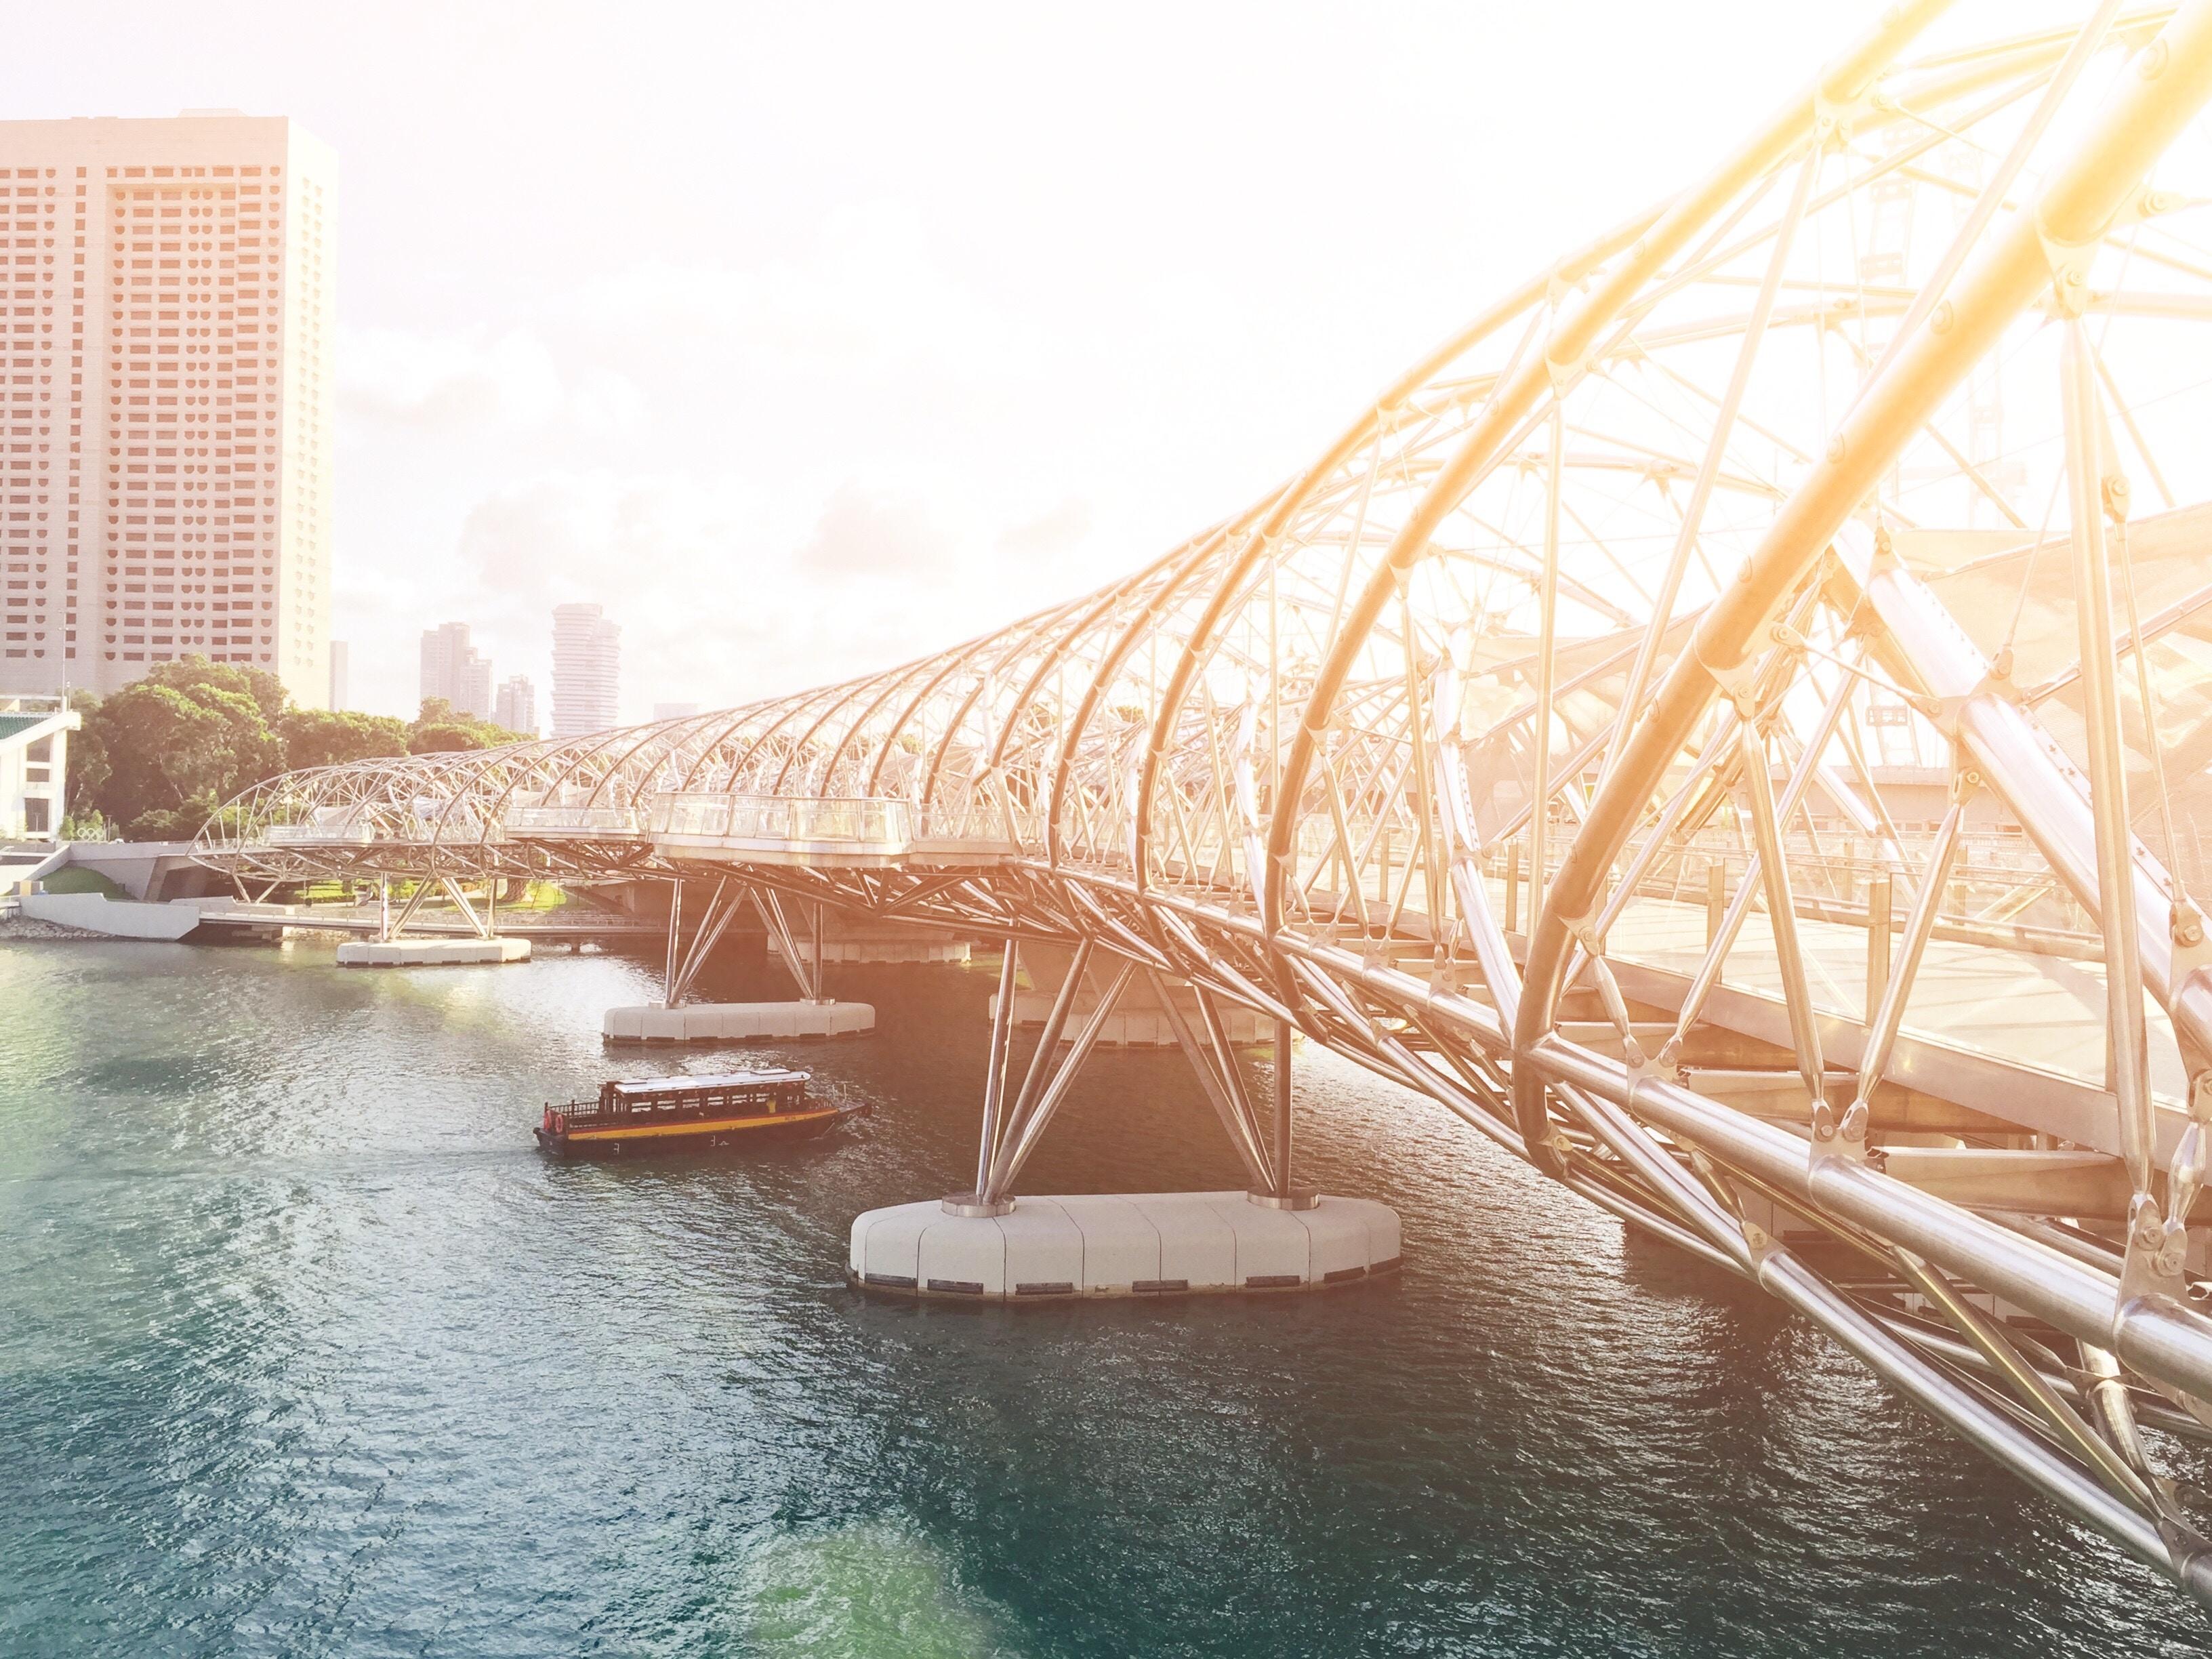 Singapore footbridge